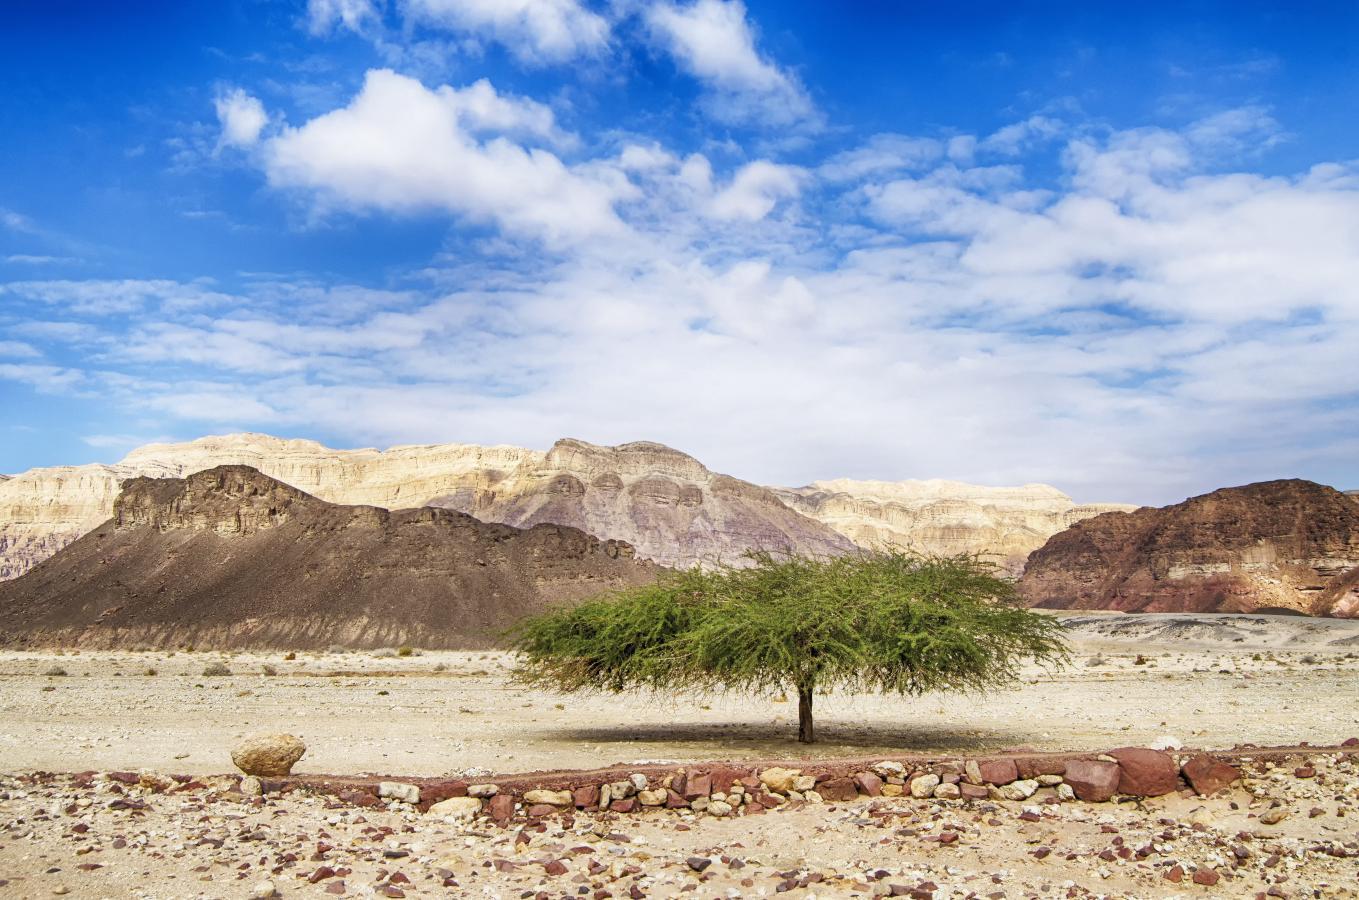 Single tree in the desert.